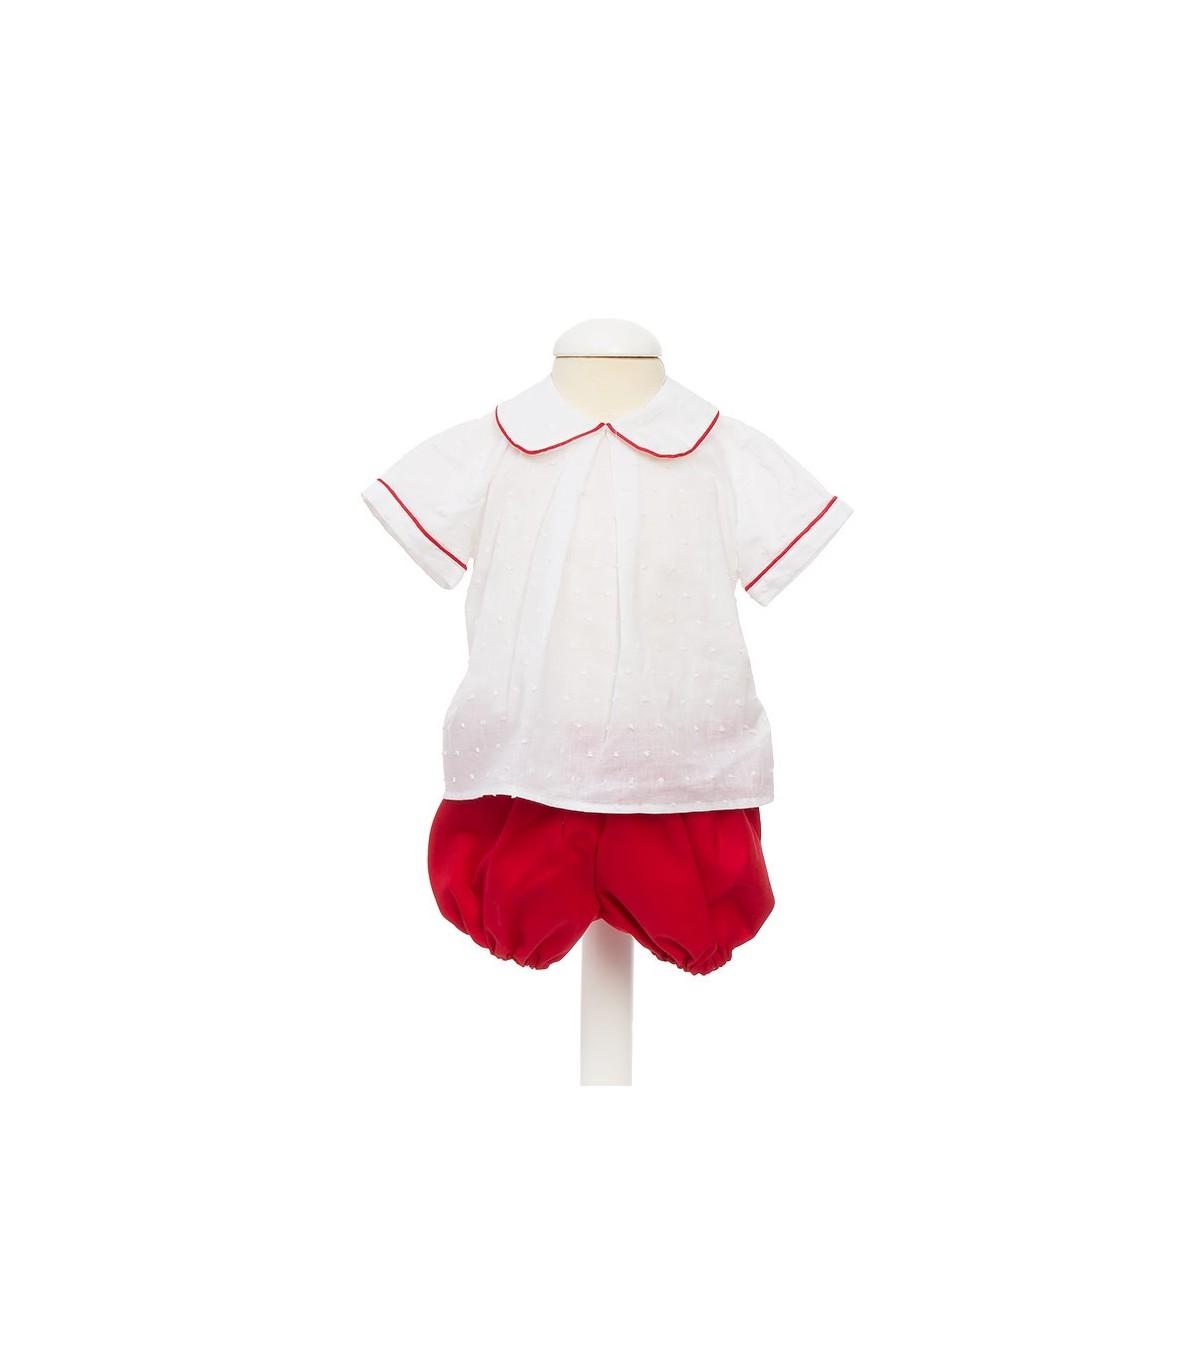 ca8bd2d13 Conjunto bebe niño primavera. - Compuesto por camisa blanca...